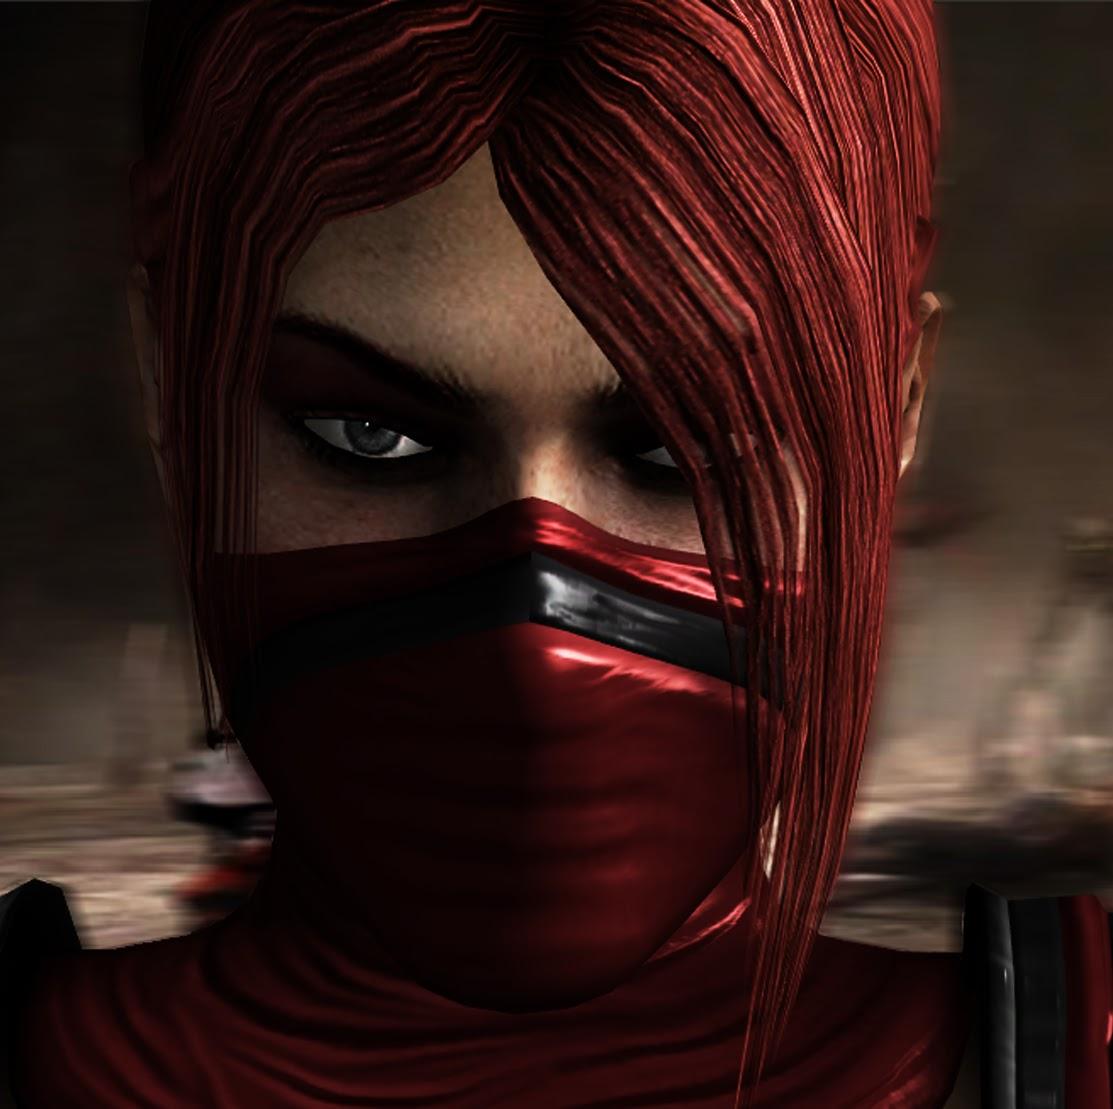 Xnalara Skarlet Mortal Kombat Wallpaper By